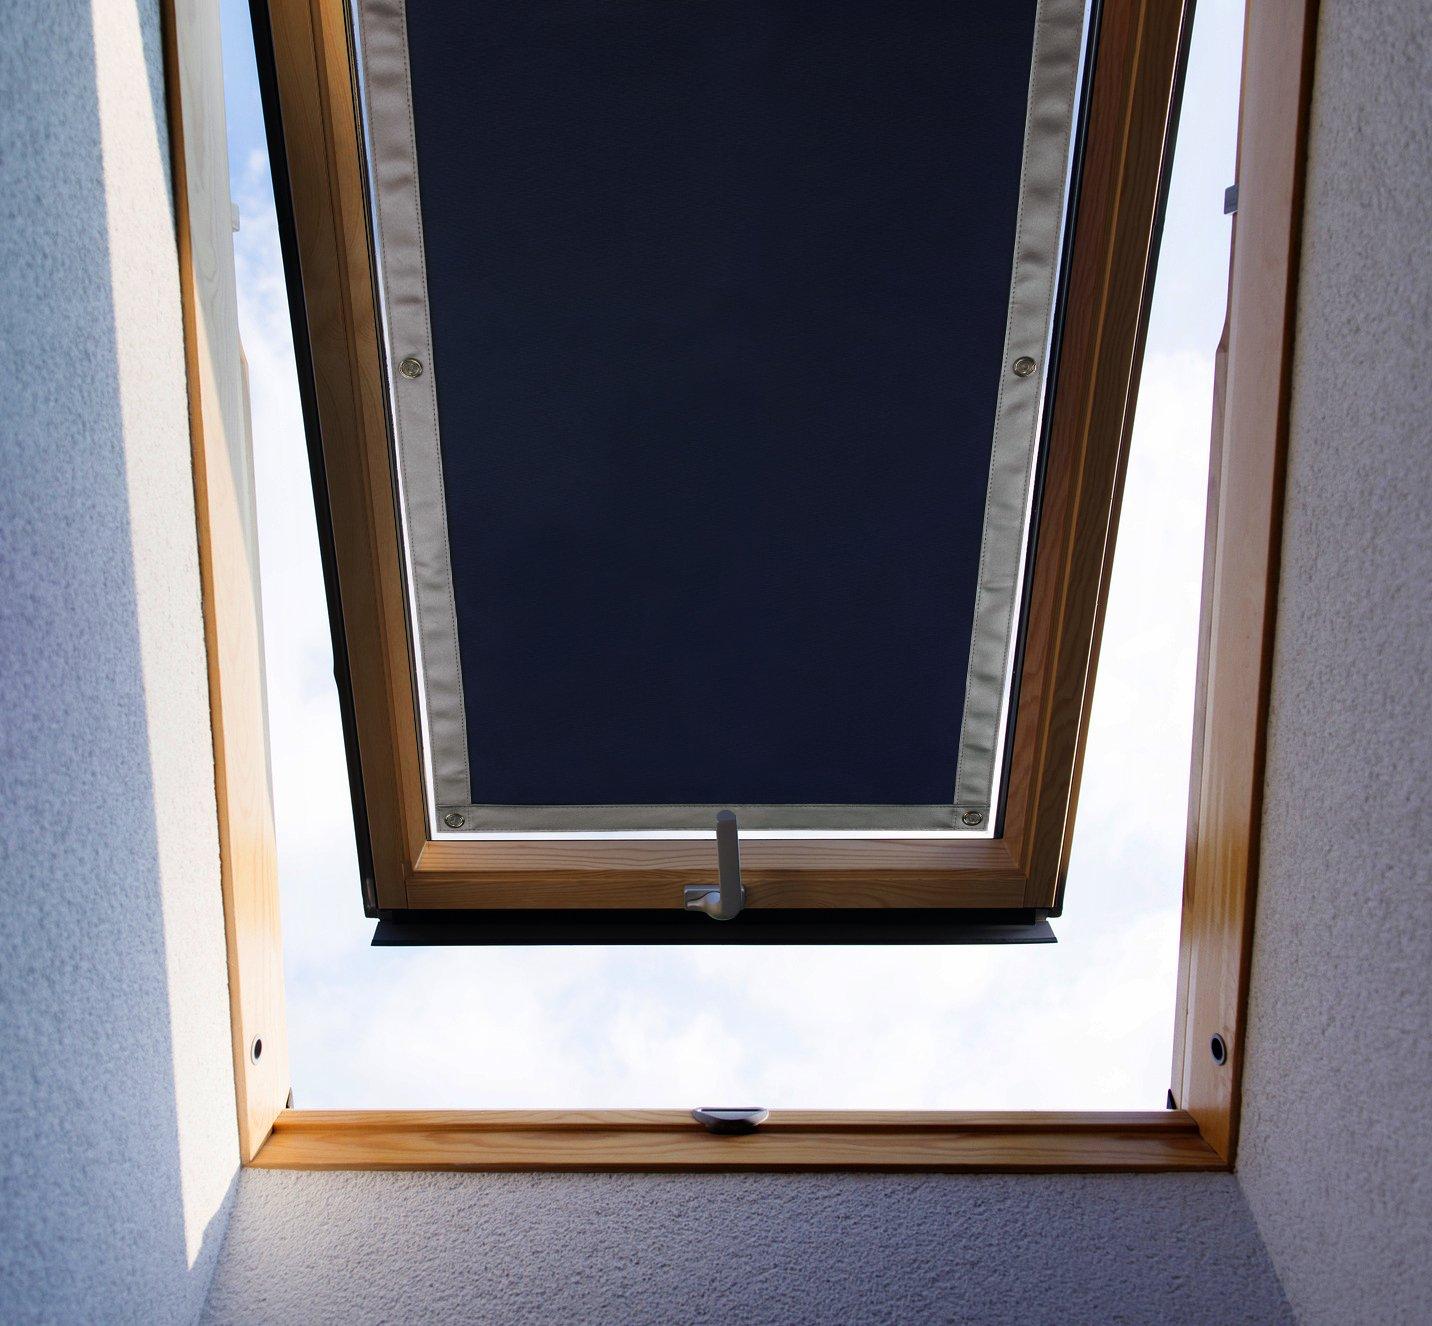 Purovi® Tenda Oscurante Termica per LUCERNARI | Protegge dal Calore | Montaggio Senza Trapano o Nastro Adesivo | Vasta Gamma Compatibile con finestre Velux e Roto | Dimensioni: ROTO 5/7-32 x 56 cm